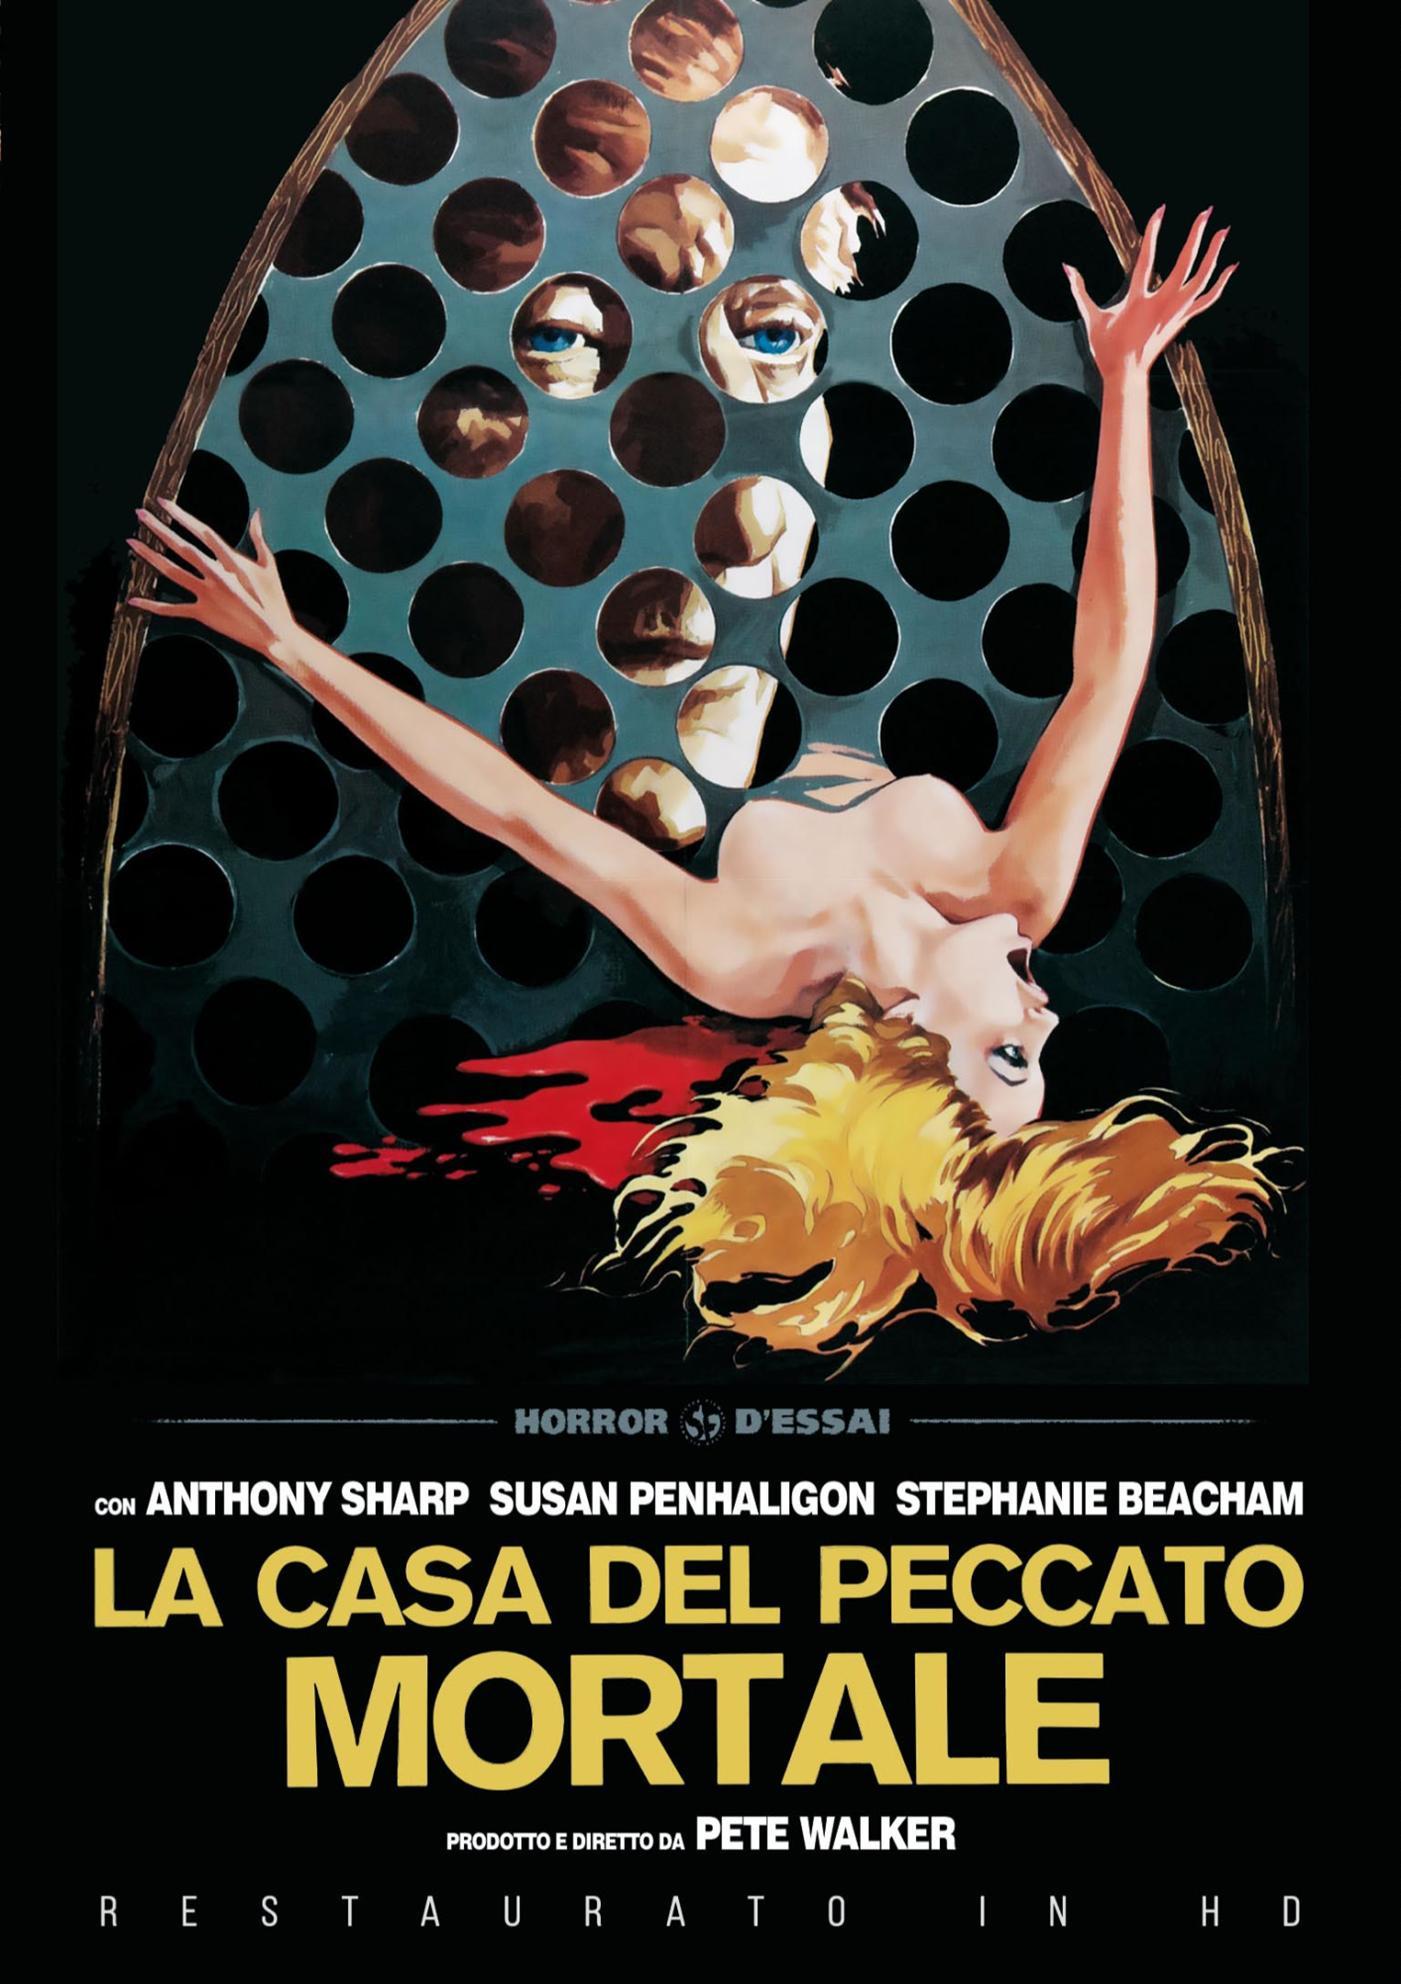 LA CASA DEL PECCATO MORTALE (RESTAURATO IN HD) (DVD)